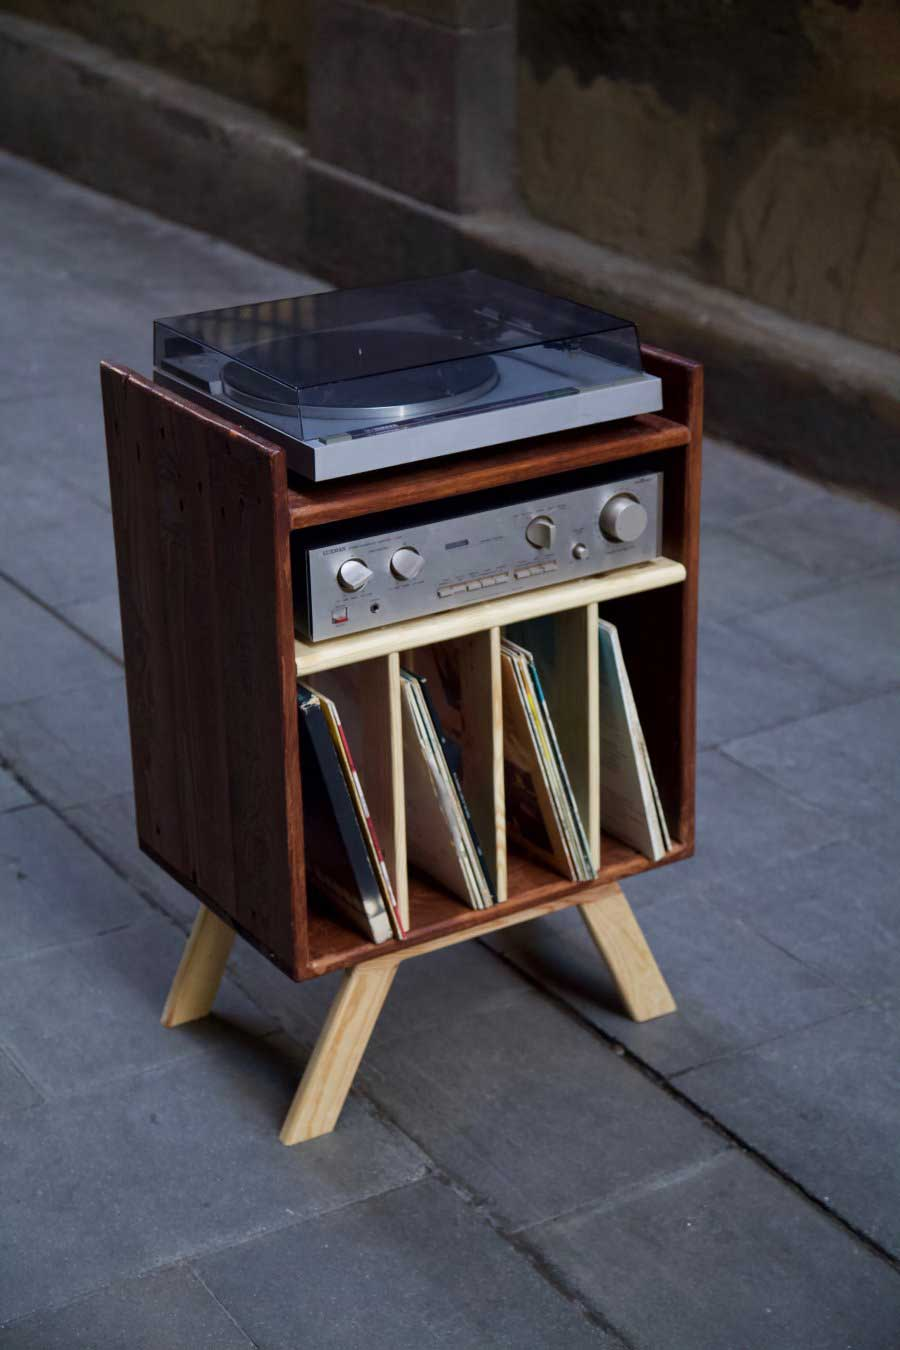 Mueble para tocadiscos hecho con madera de palet desde arriba izquierda